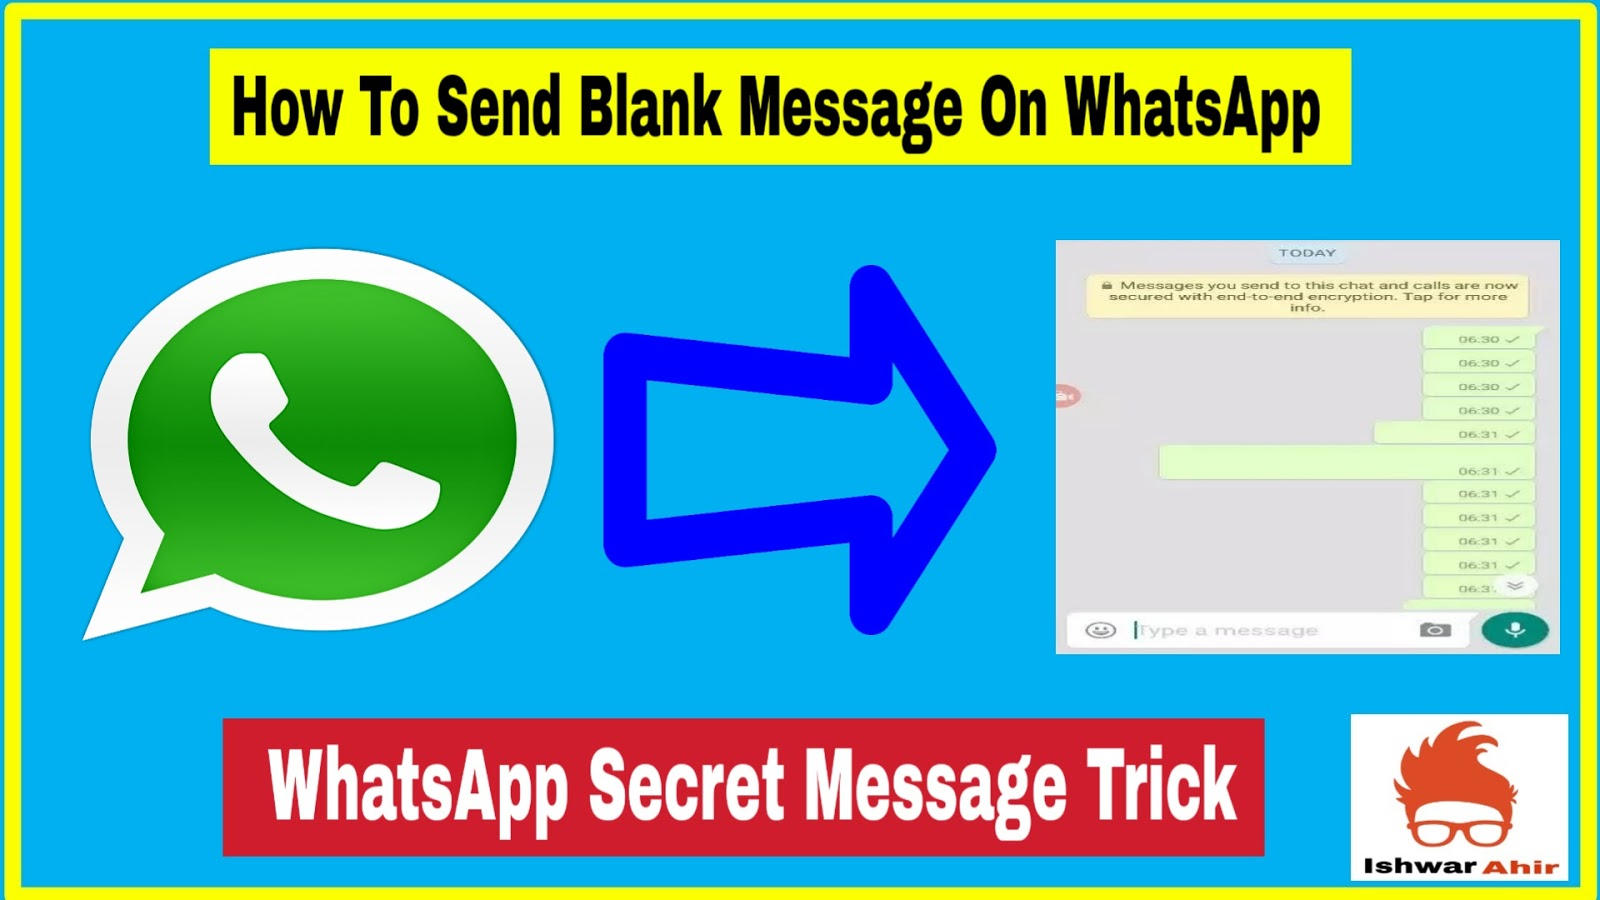 How to Send Blank Massege on Whatsapp